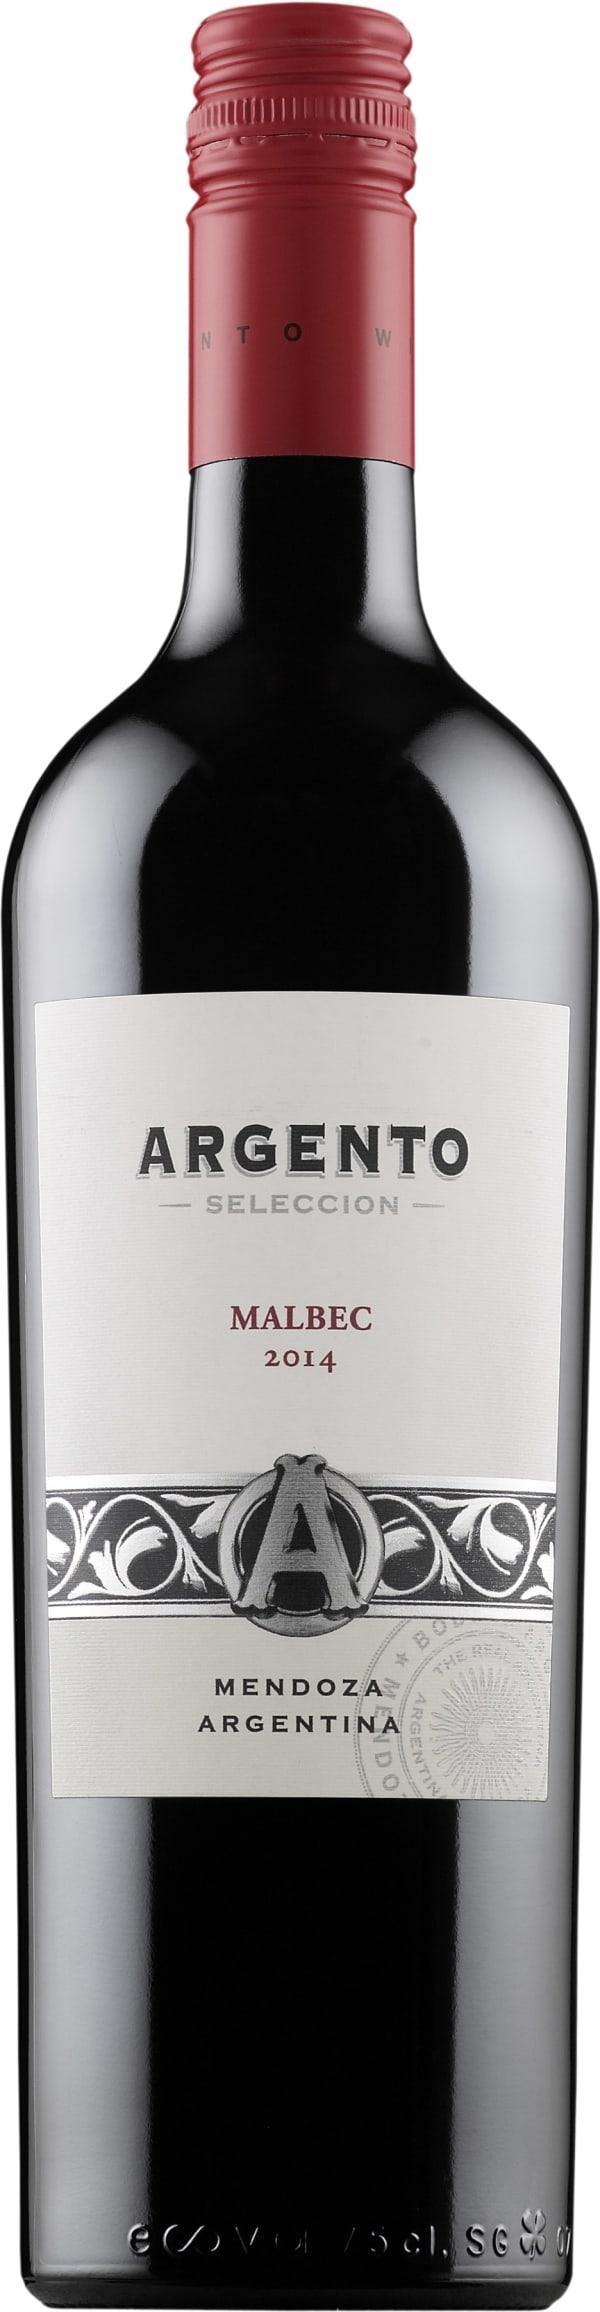 Argento Seleccion Malbec 2016